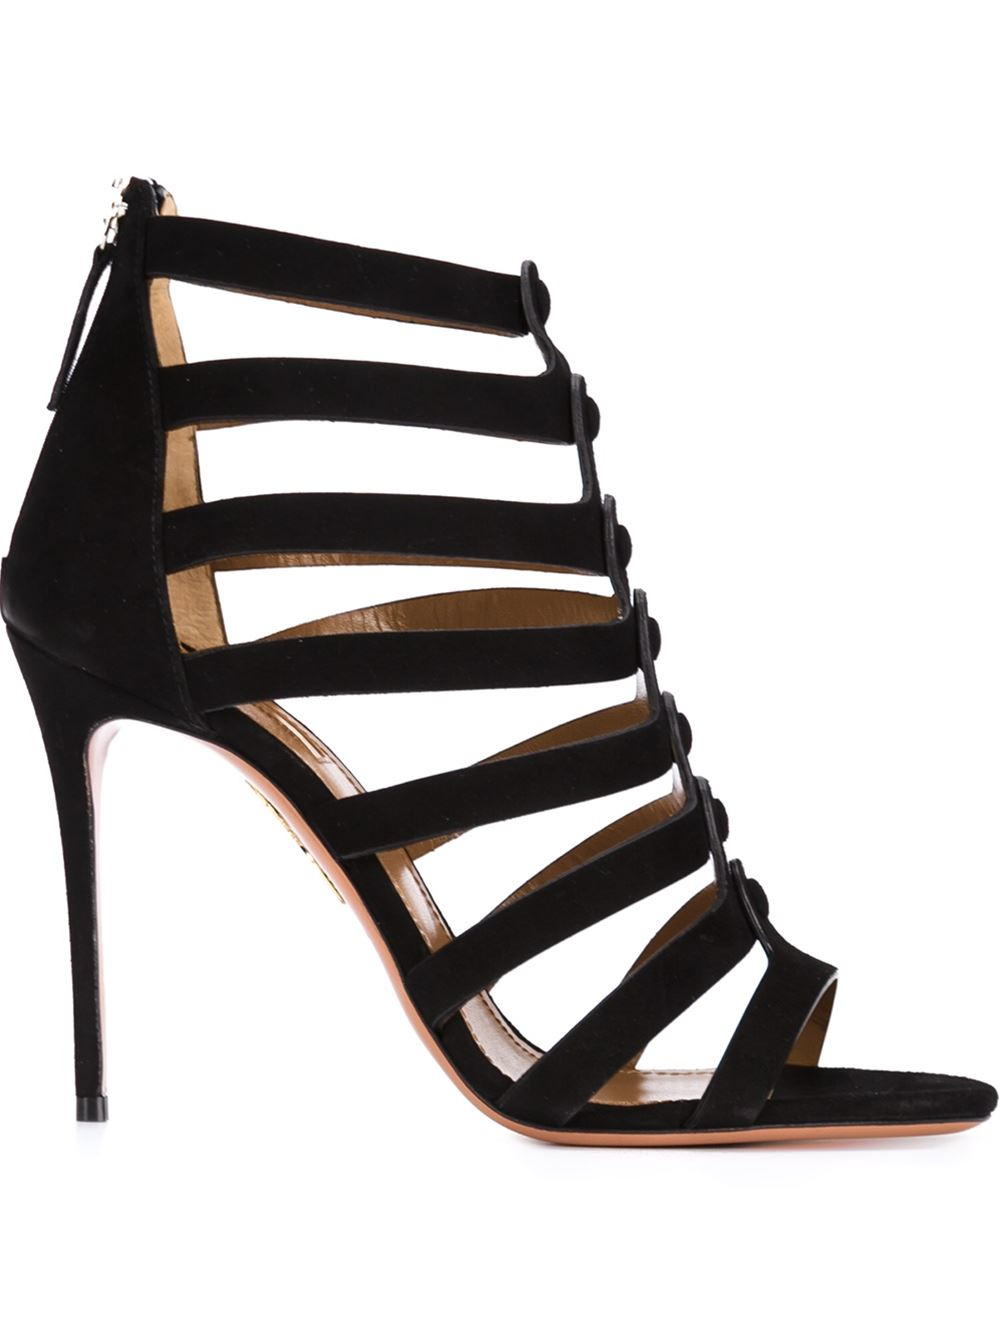 Aquazzura Strappy Stiletto Sandals - 214.3KB